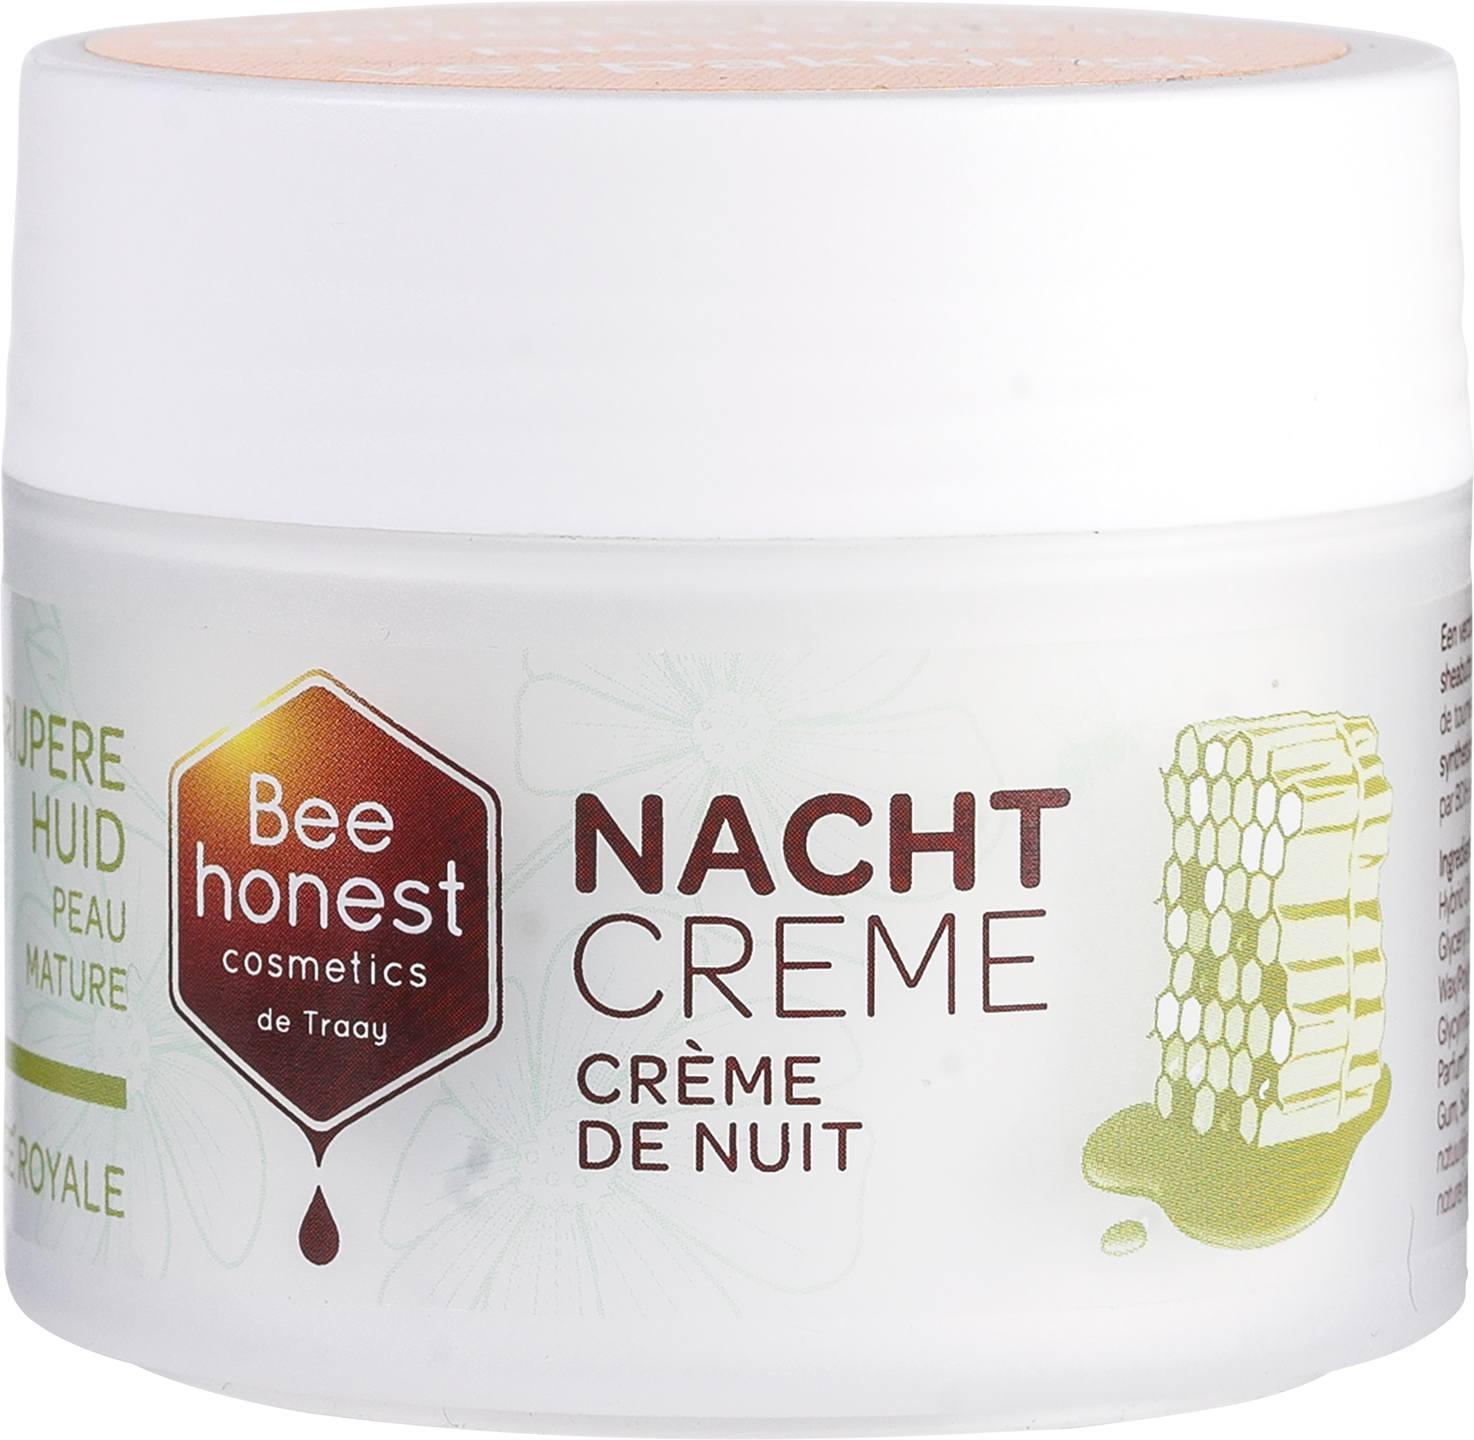 -20% SALE   Biologische Bee honest cosmetics Nachtcrème - rijpere huid 50 ml